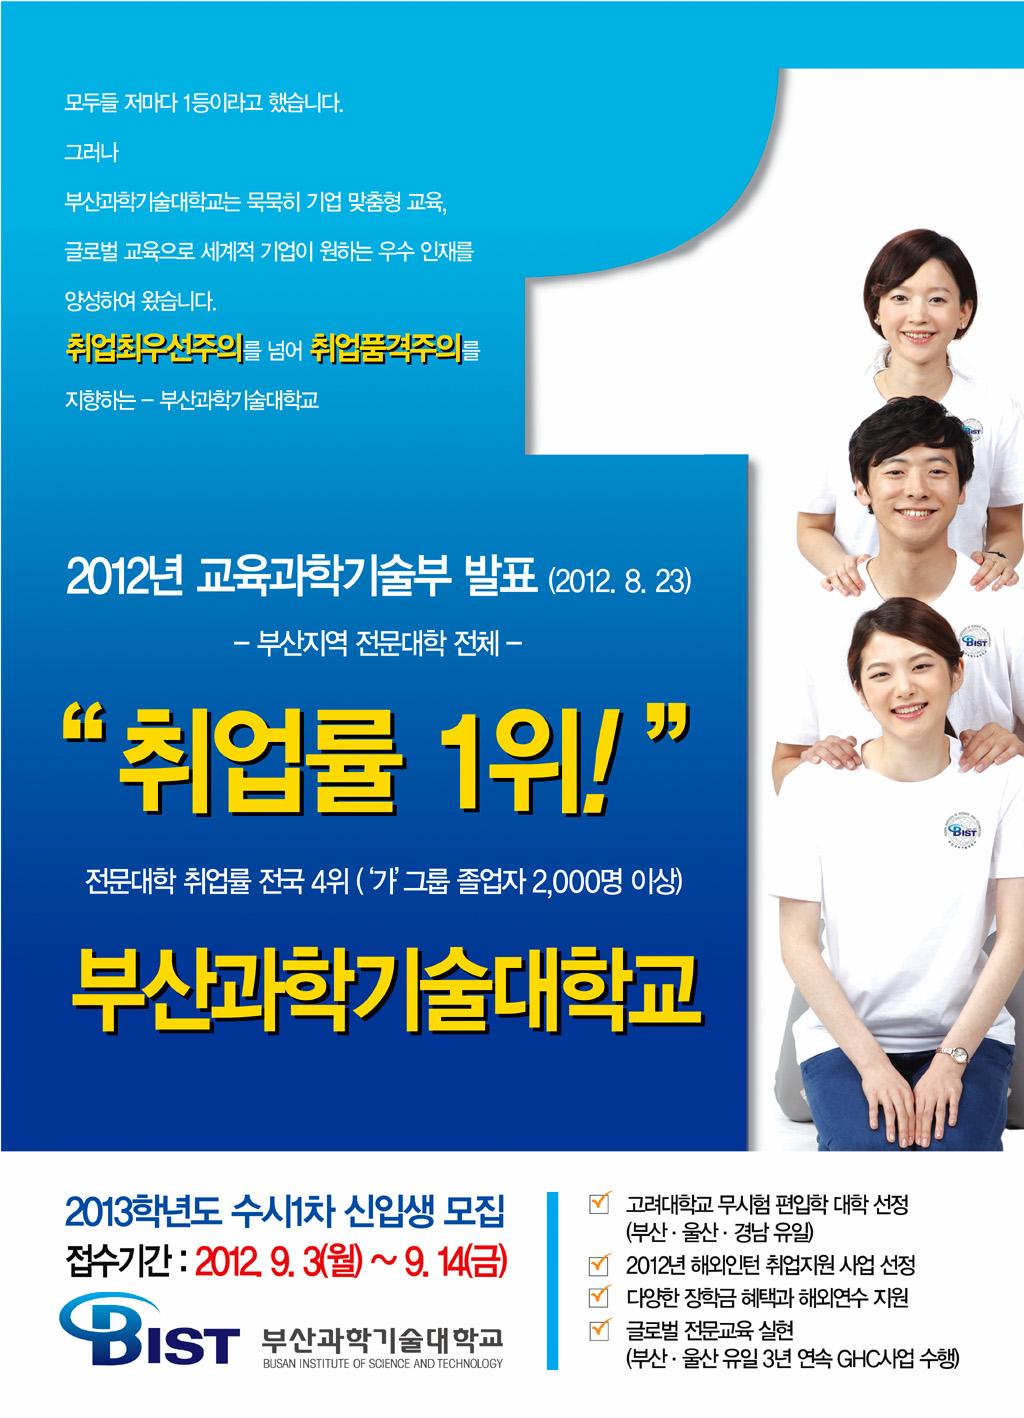 2012 부산지역 취업률 1위